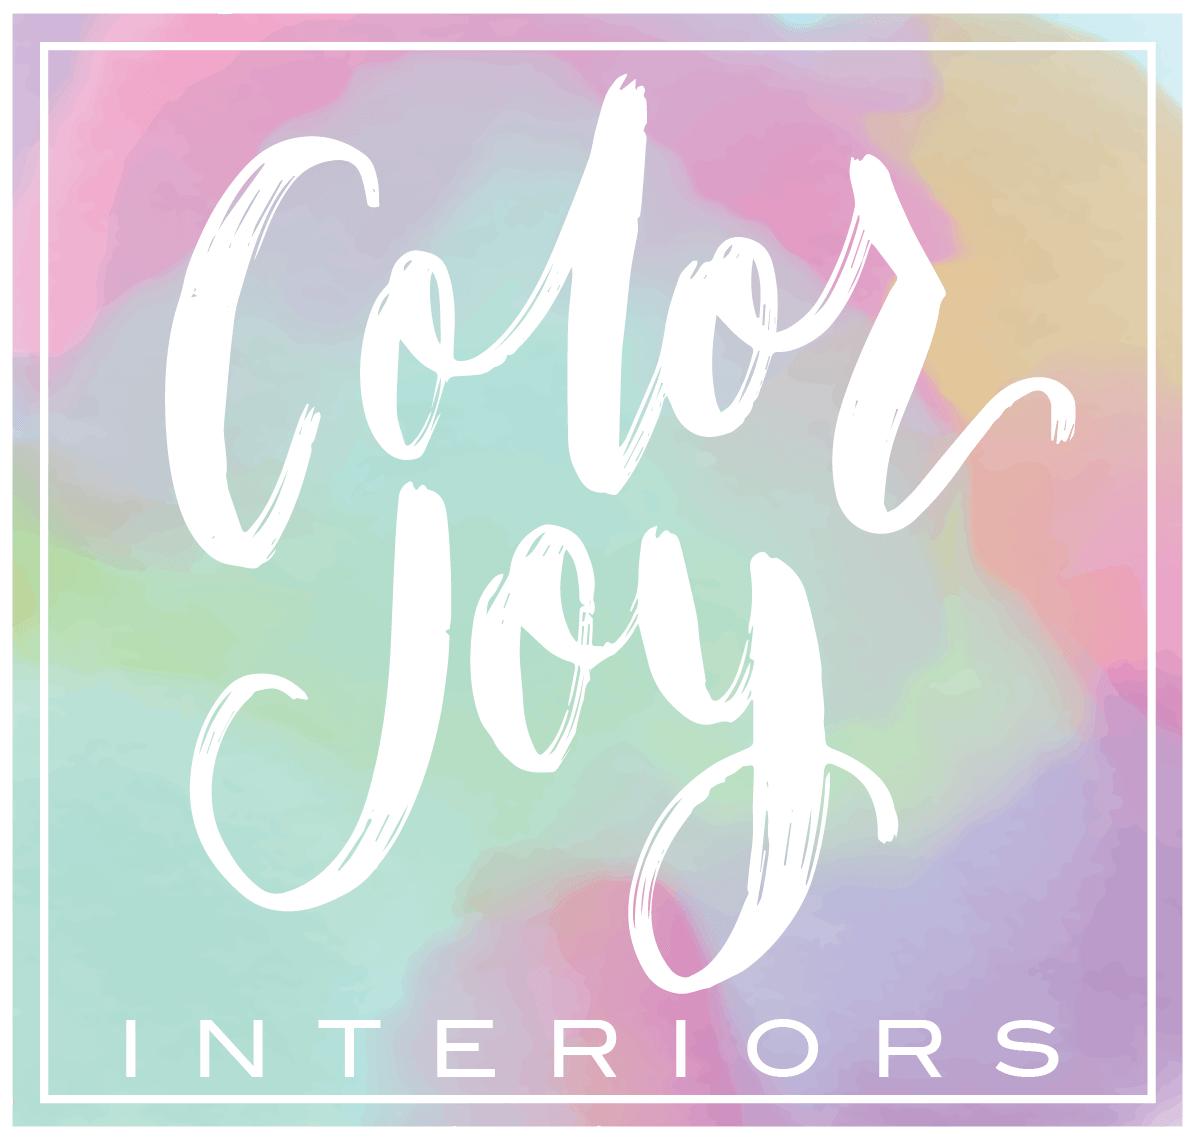 Color Joy Interiors